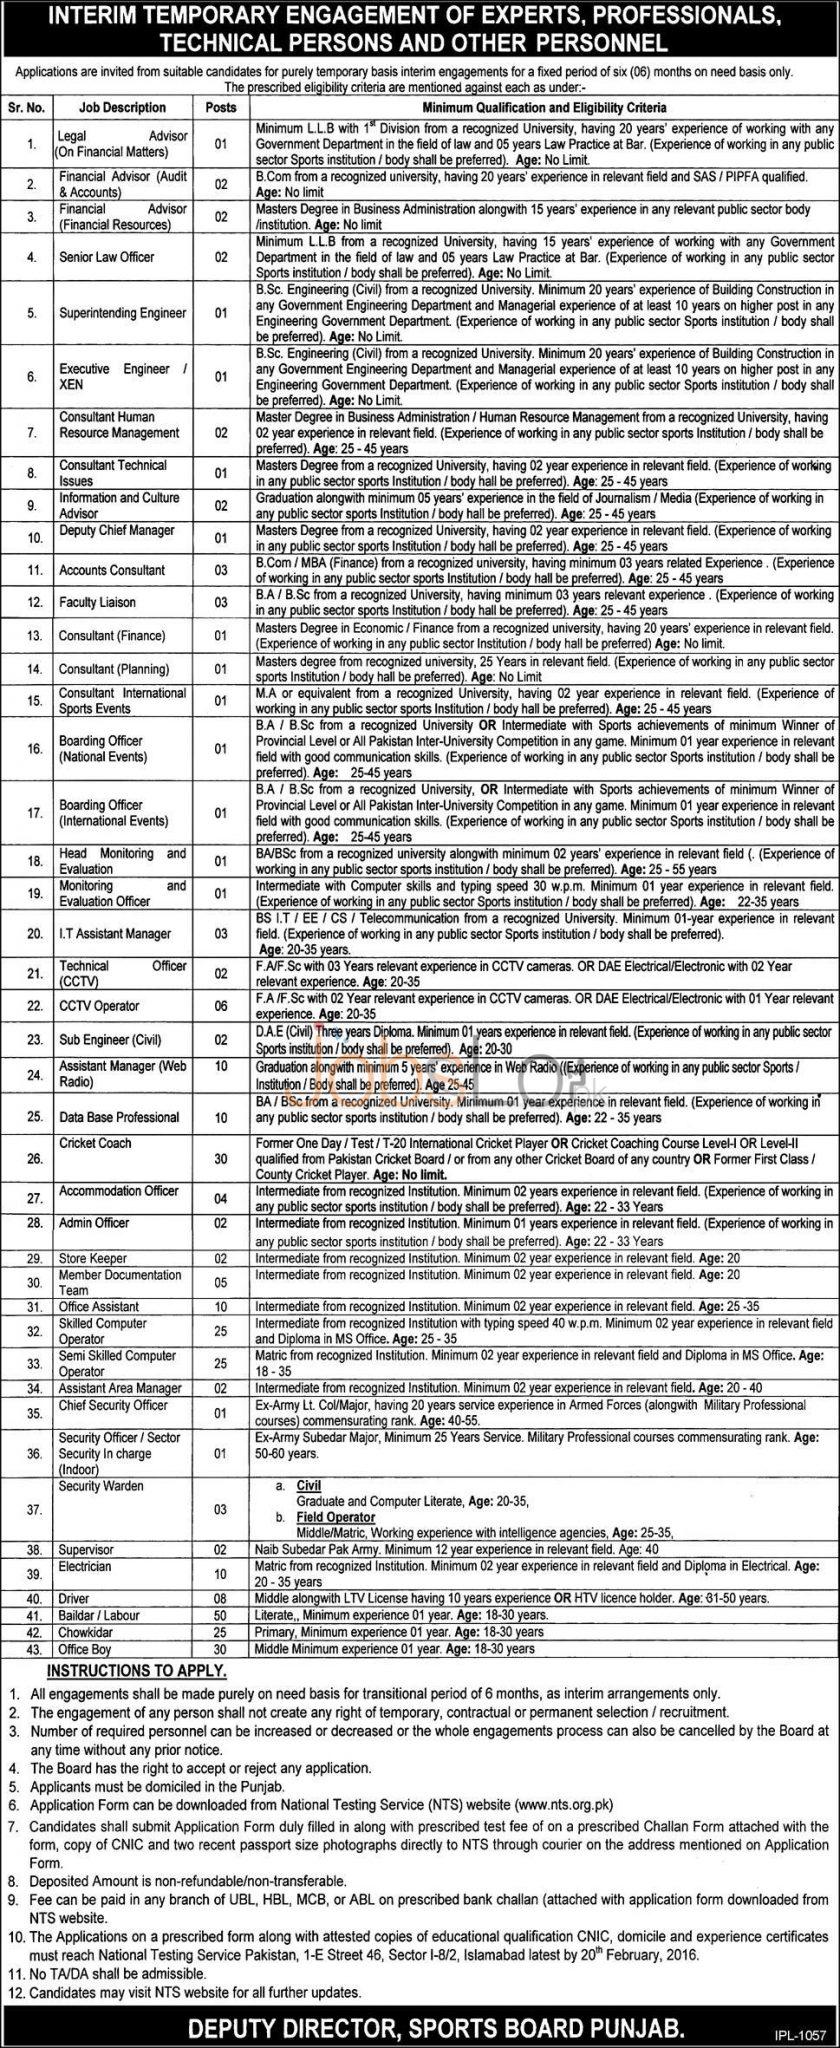 Sports Board Jobs in Punjab 31st January 2016